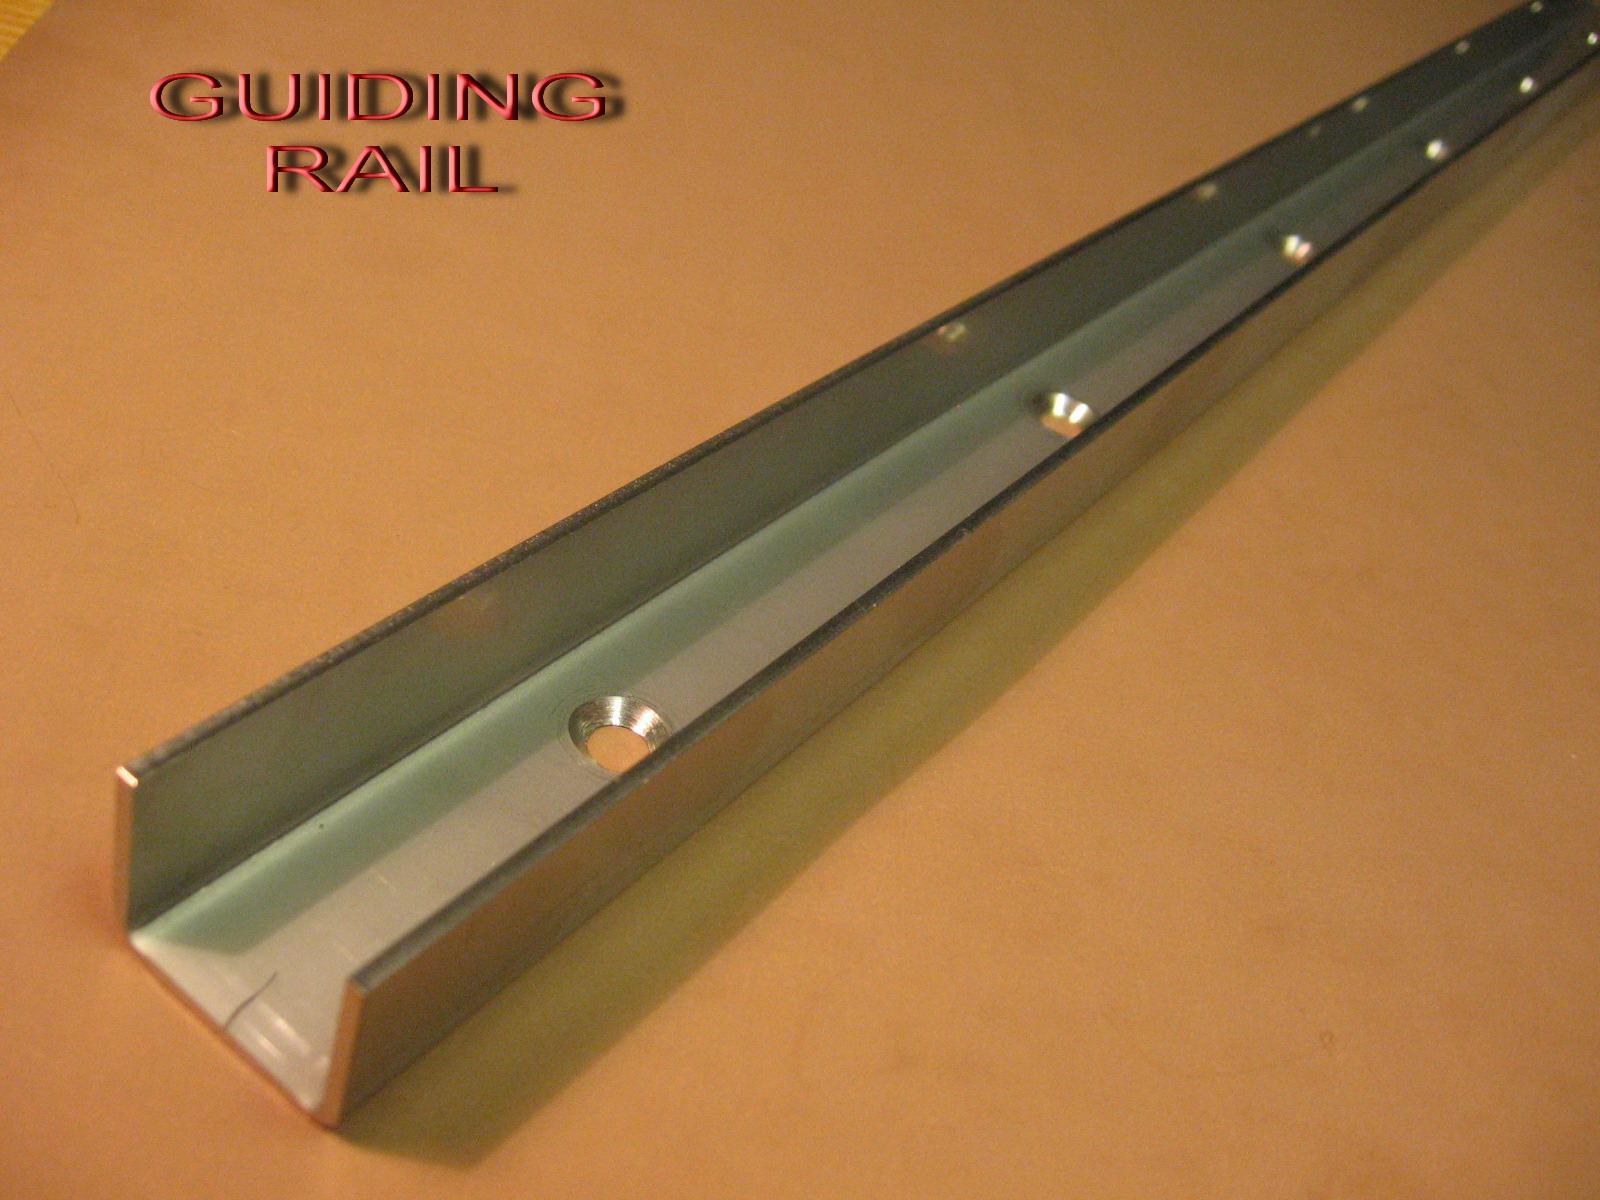 Roller guiding